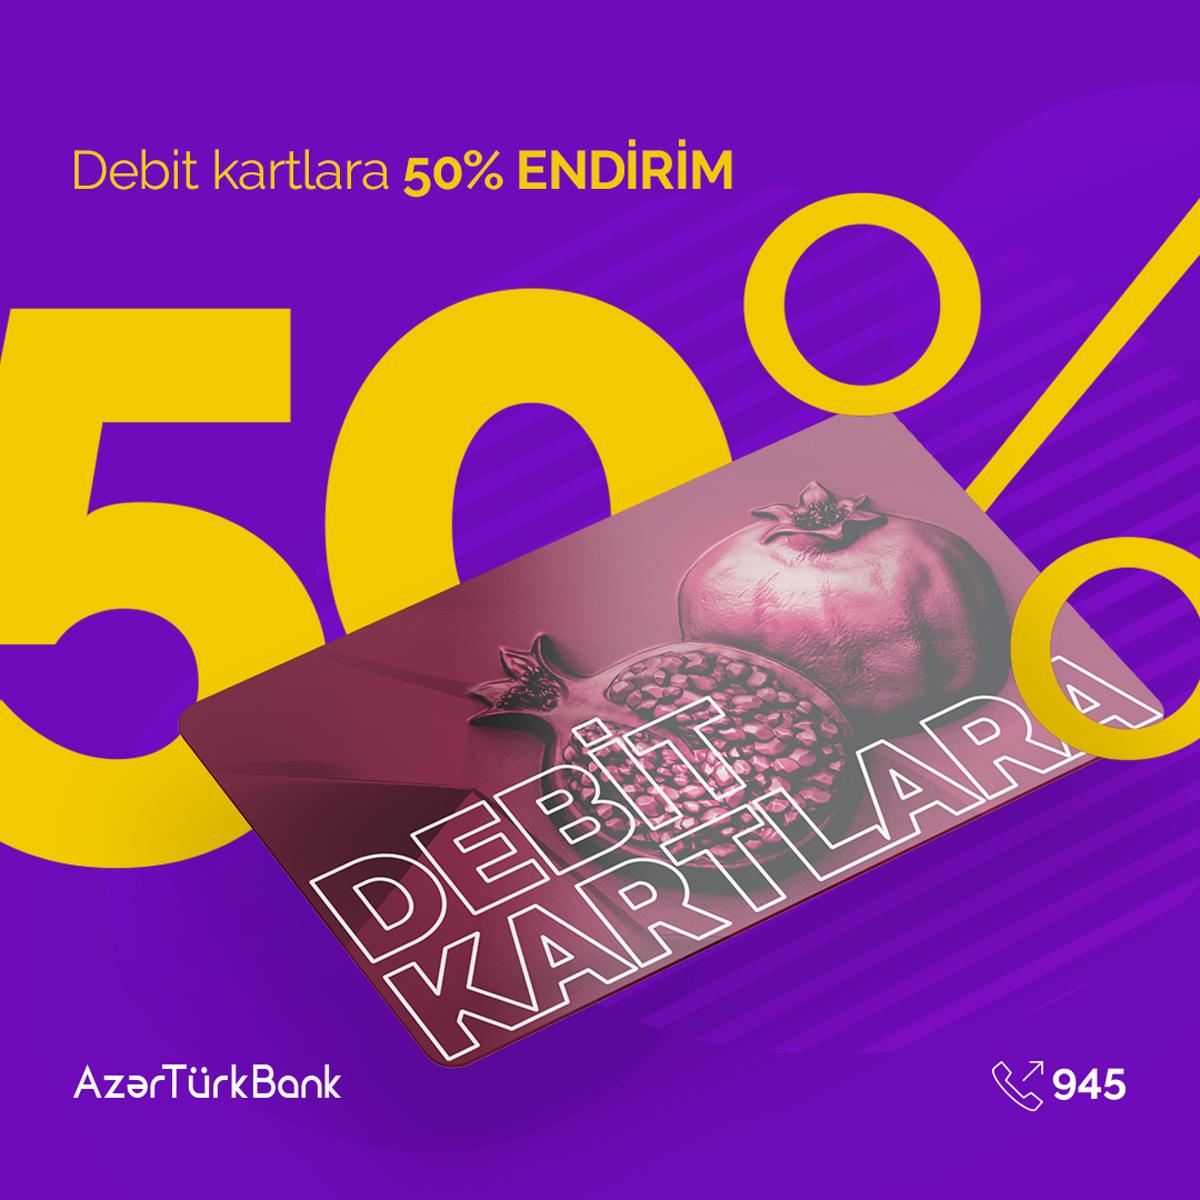 Новая кампания на пластиковые карты от Azer Turk Bank